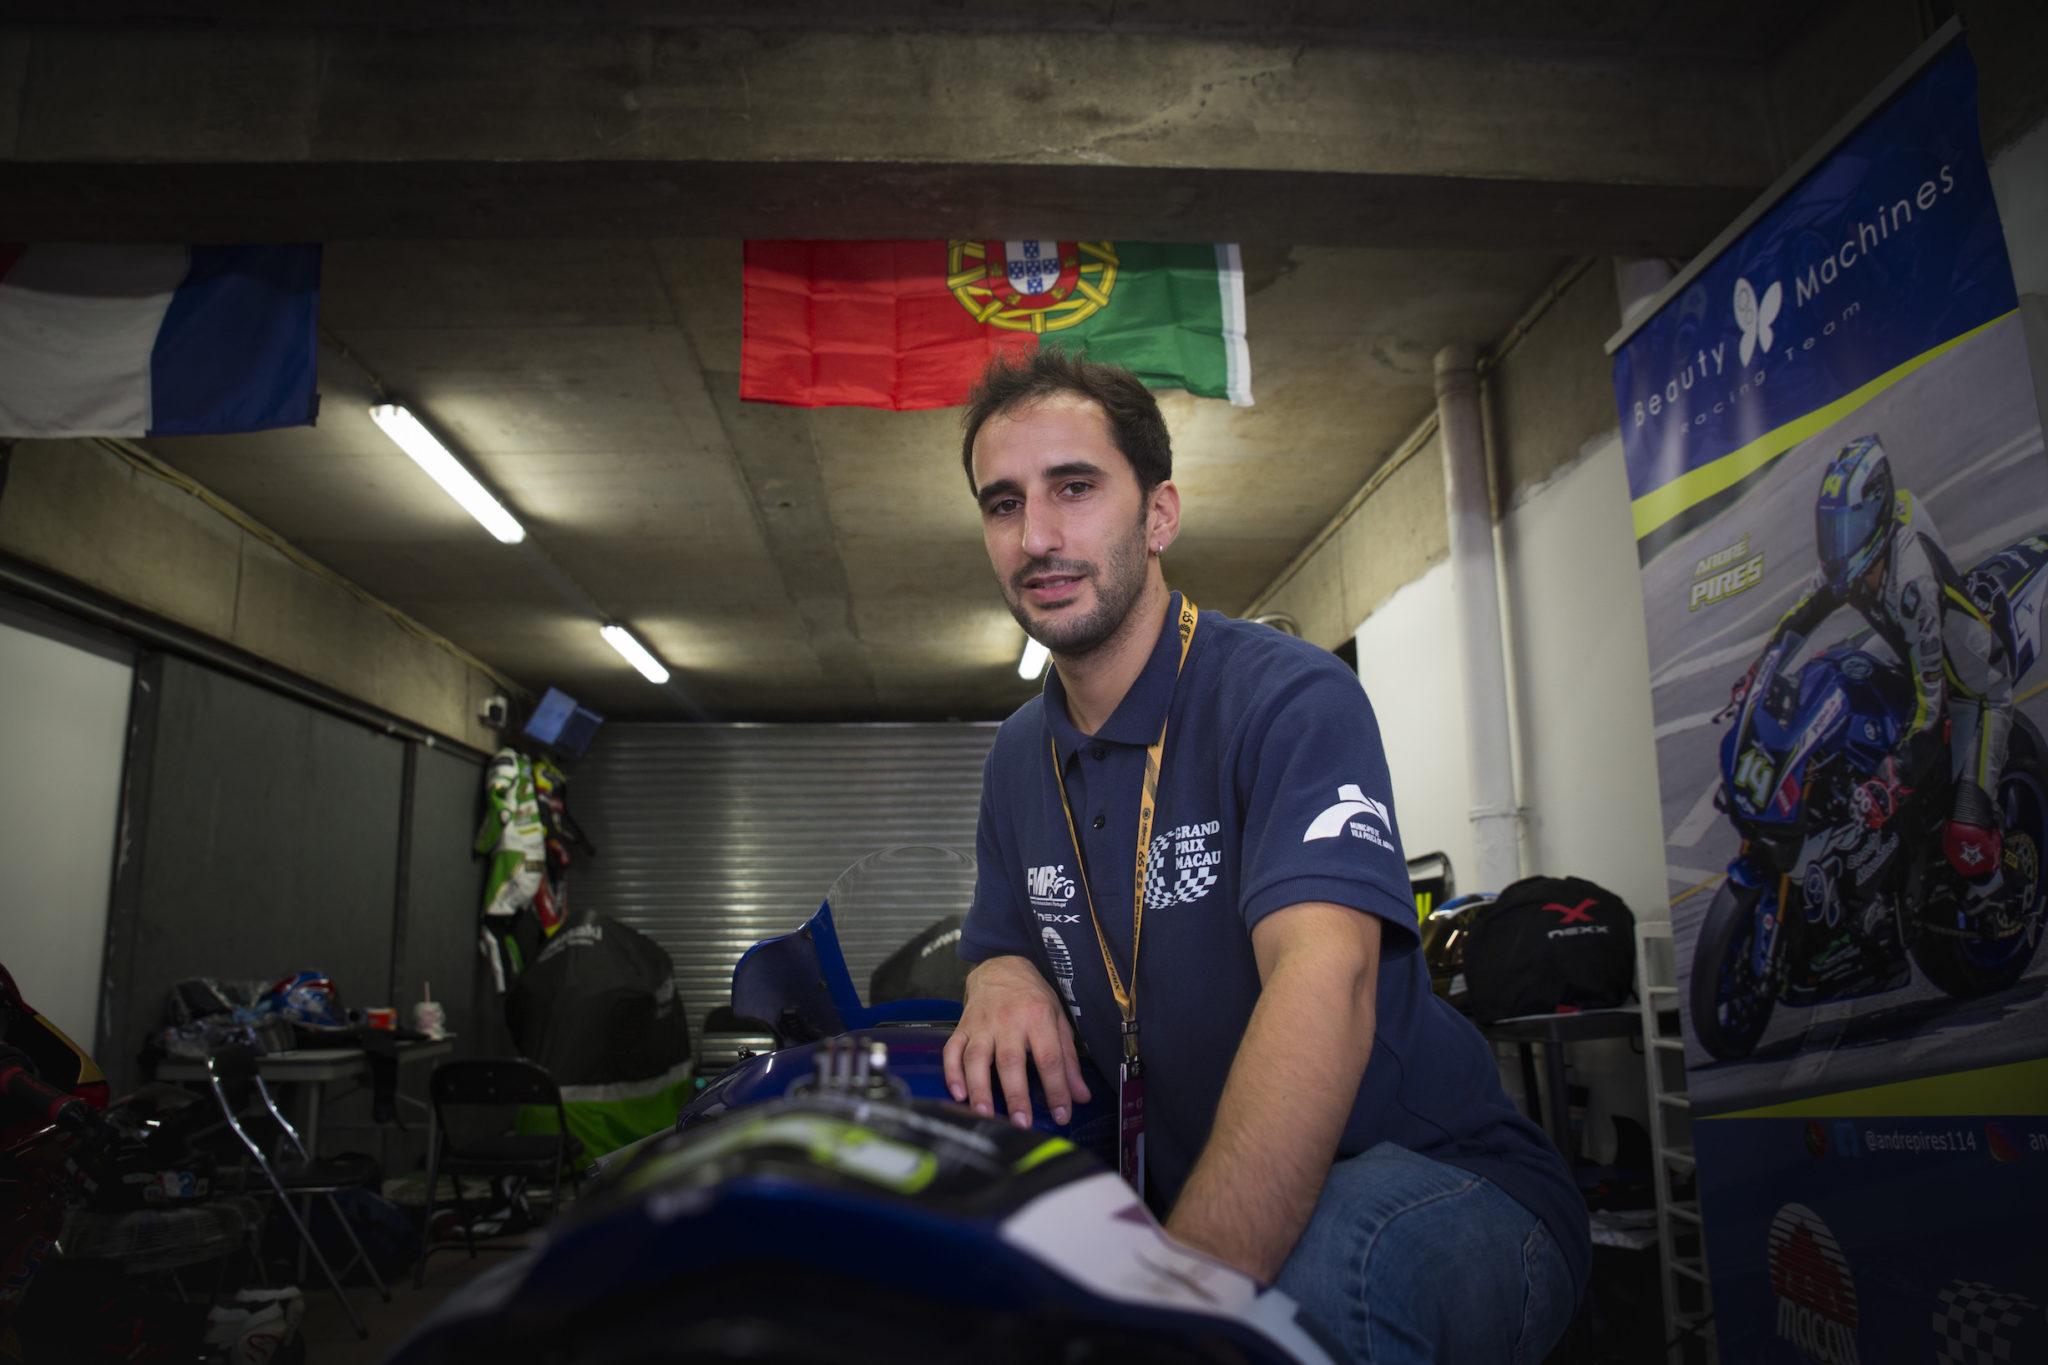 GP de motos de Macau poderá ter edição memorável